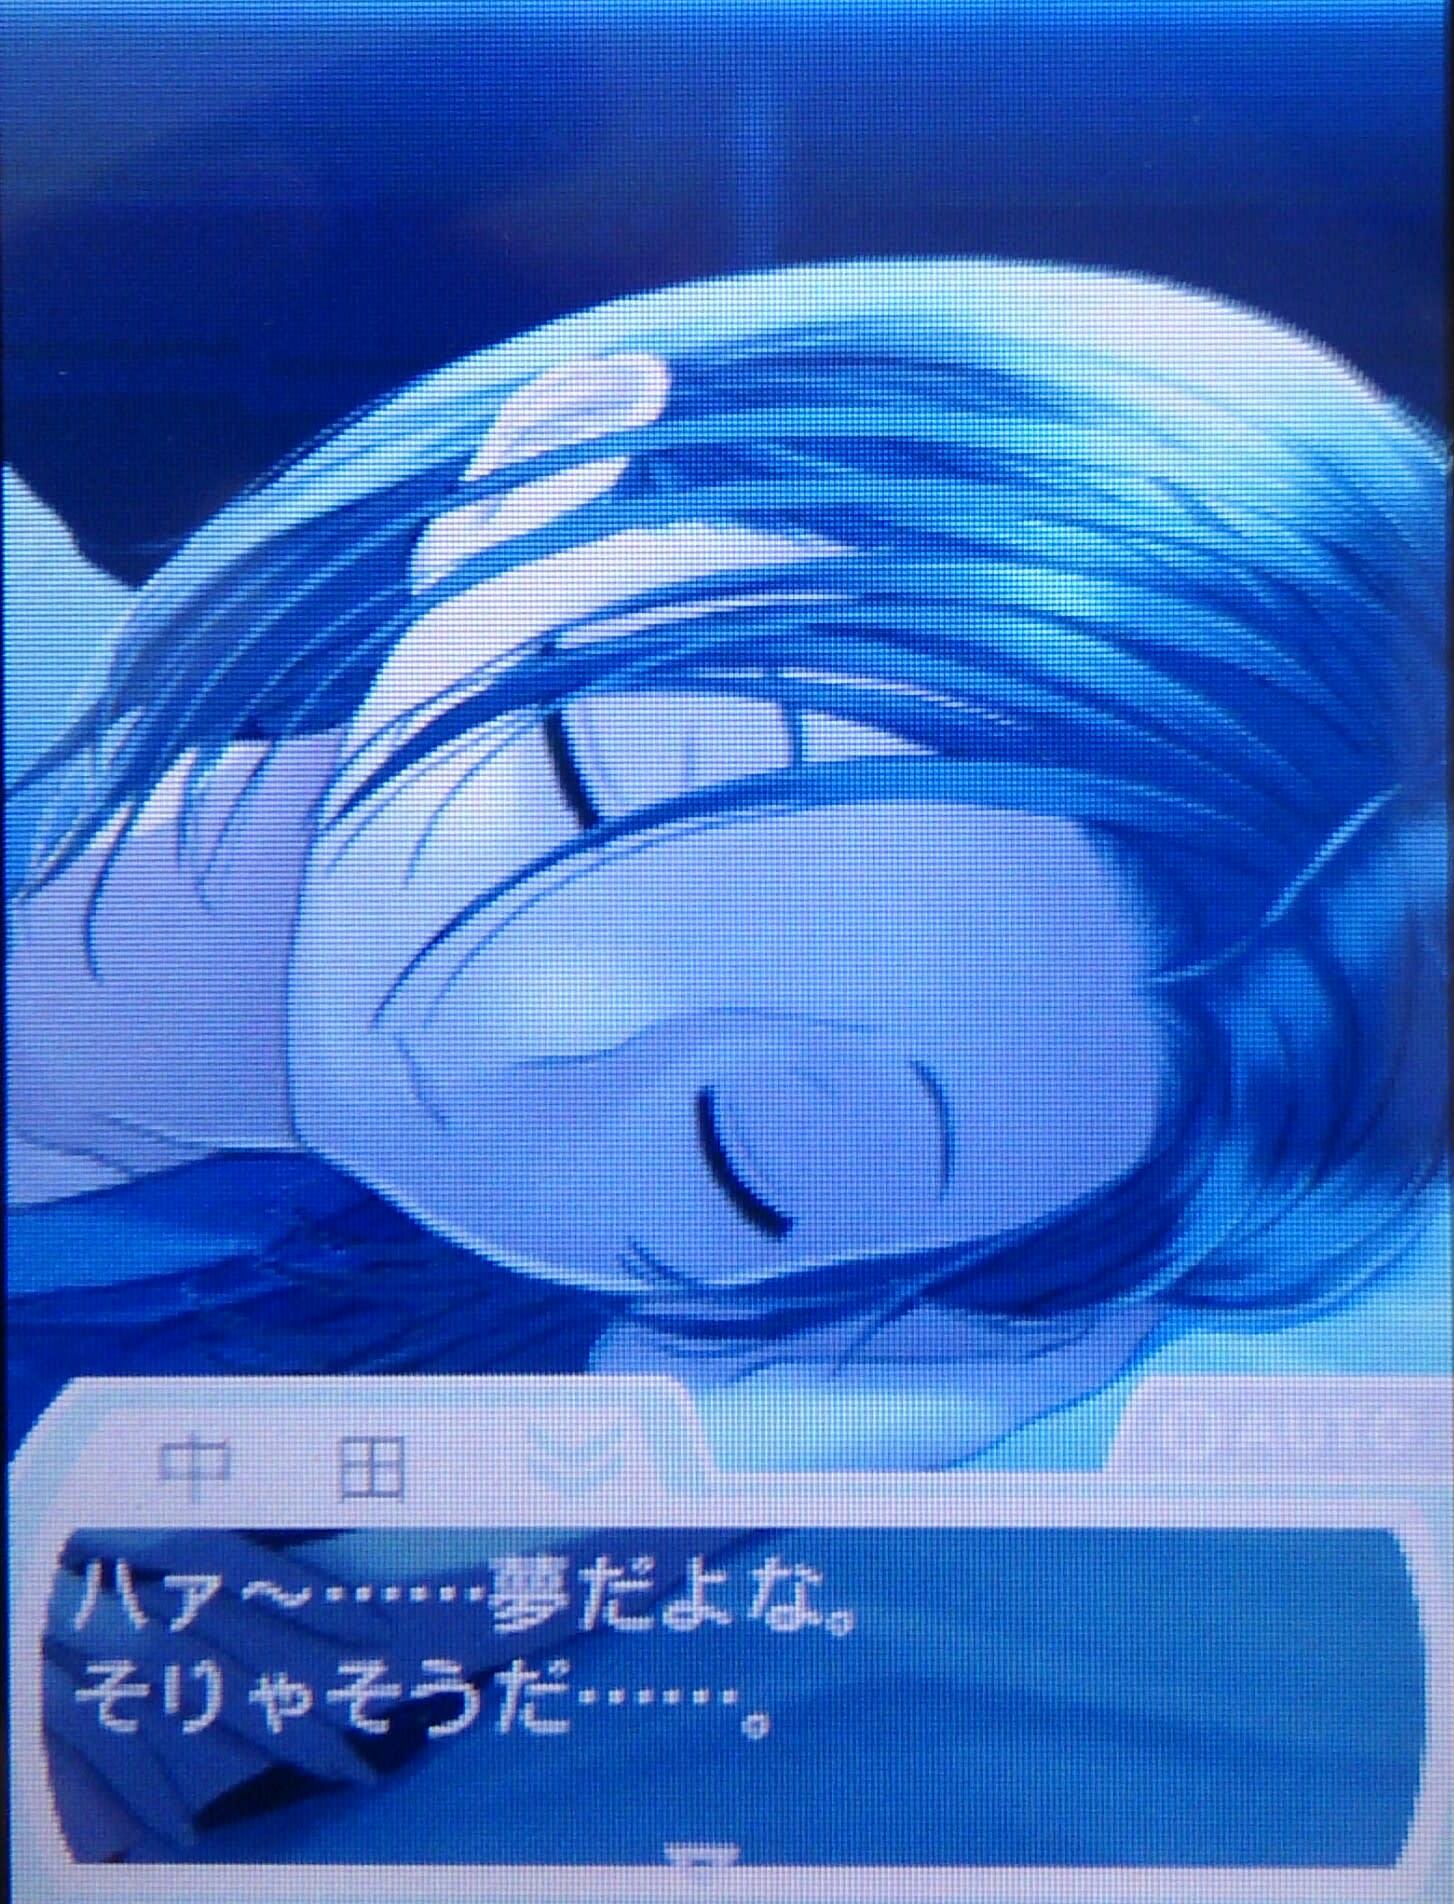 と、思ったら、あられもない凛子ちゃん。心よ鎮まりたまえぇぇぇっていうかもう寝よう。